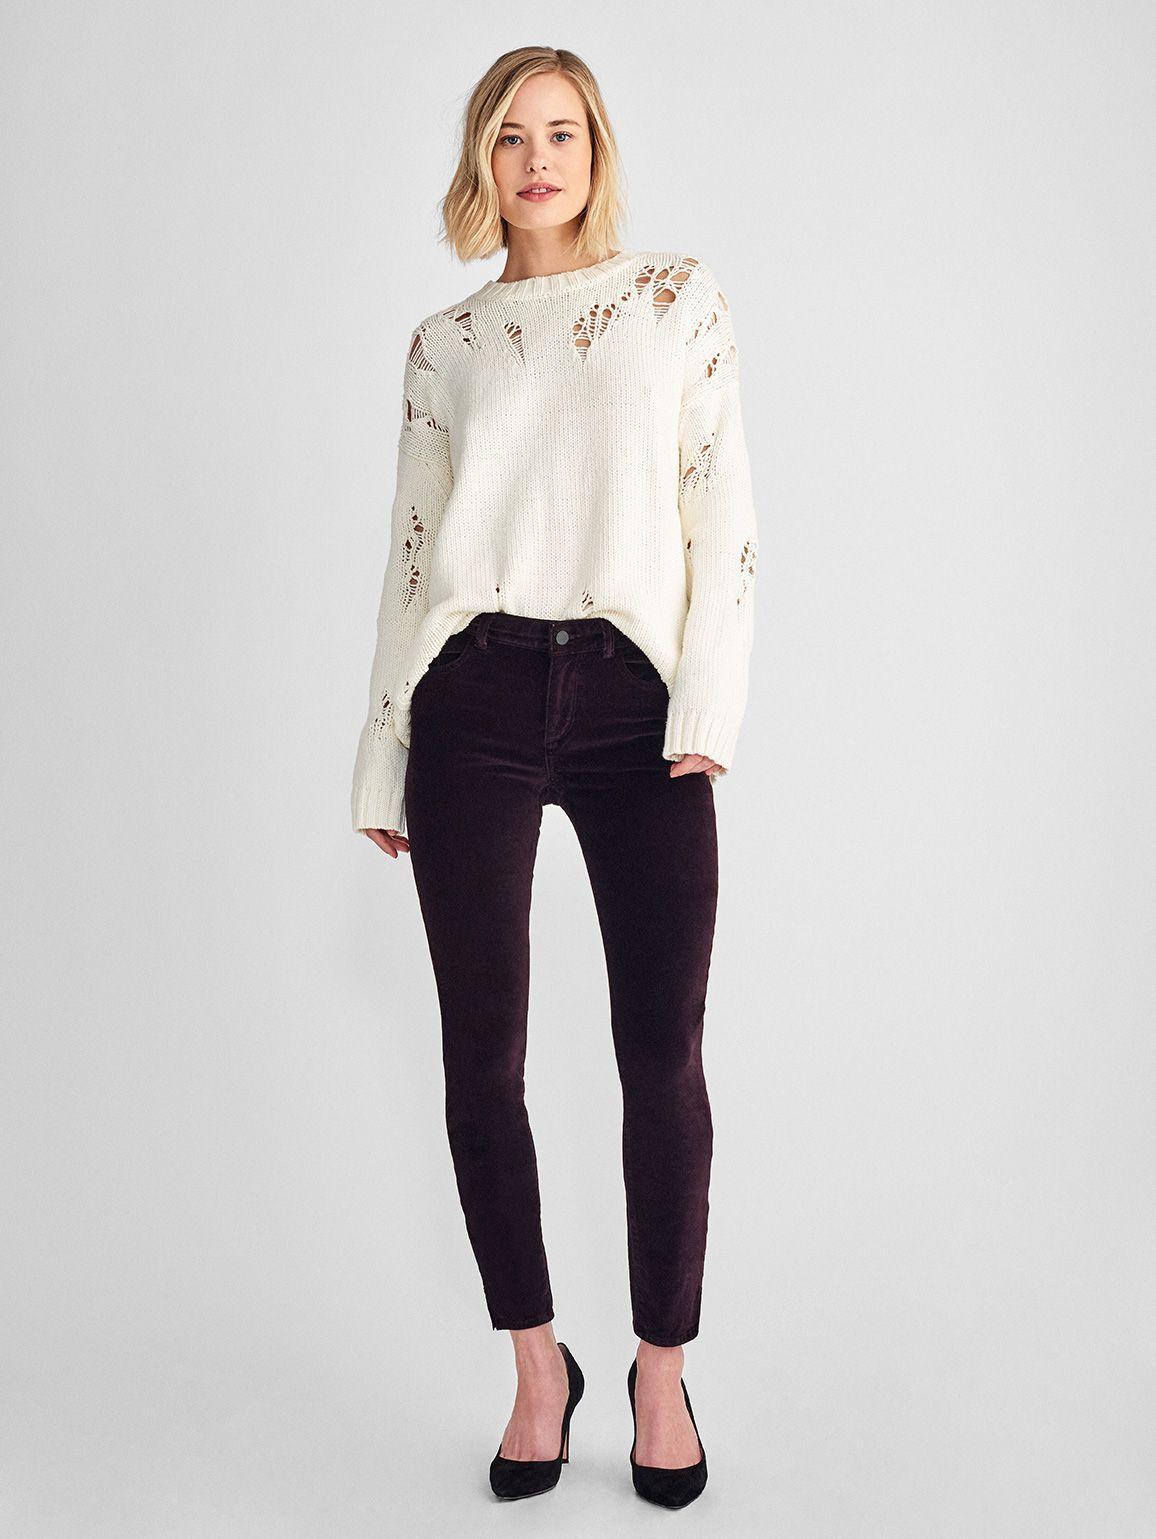 midrise velvet skinny jeans